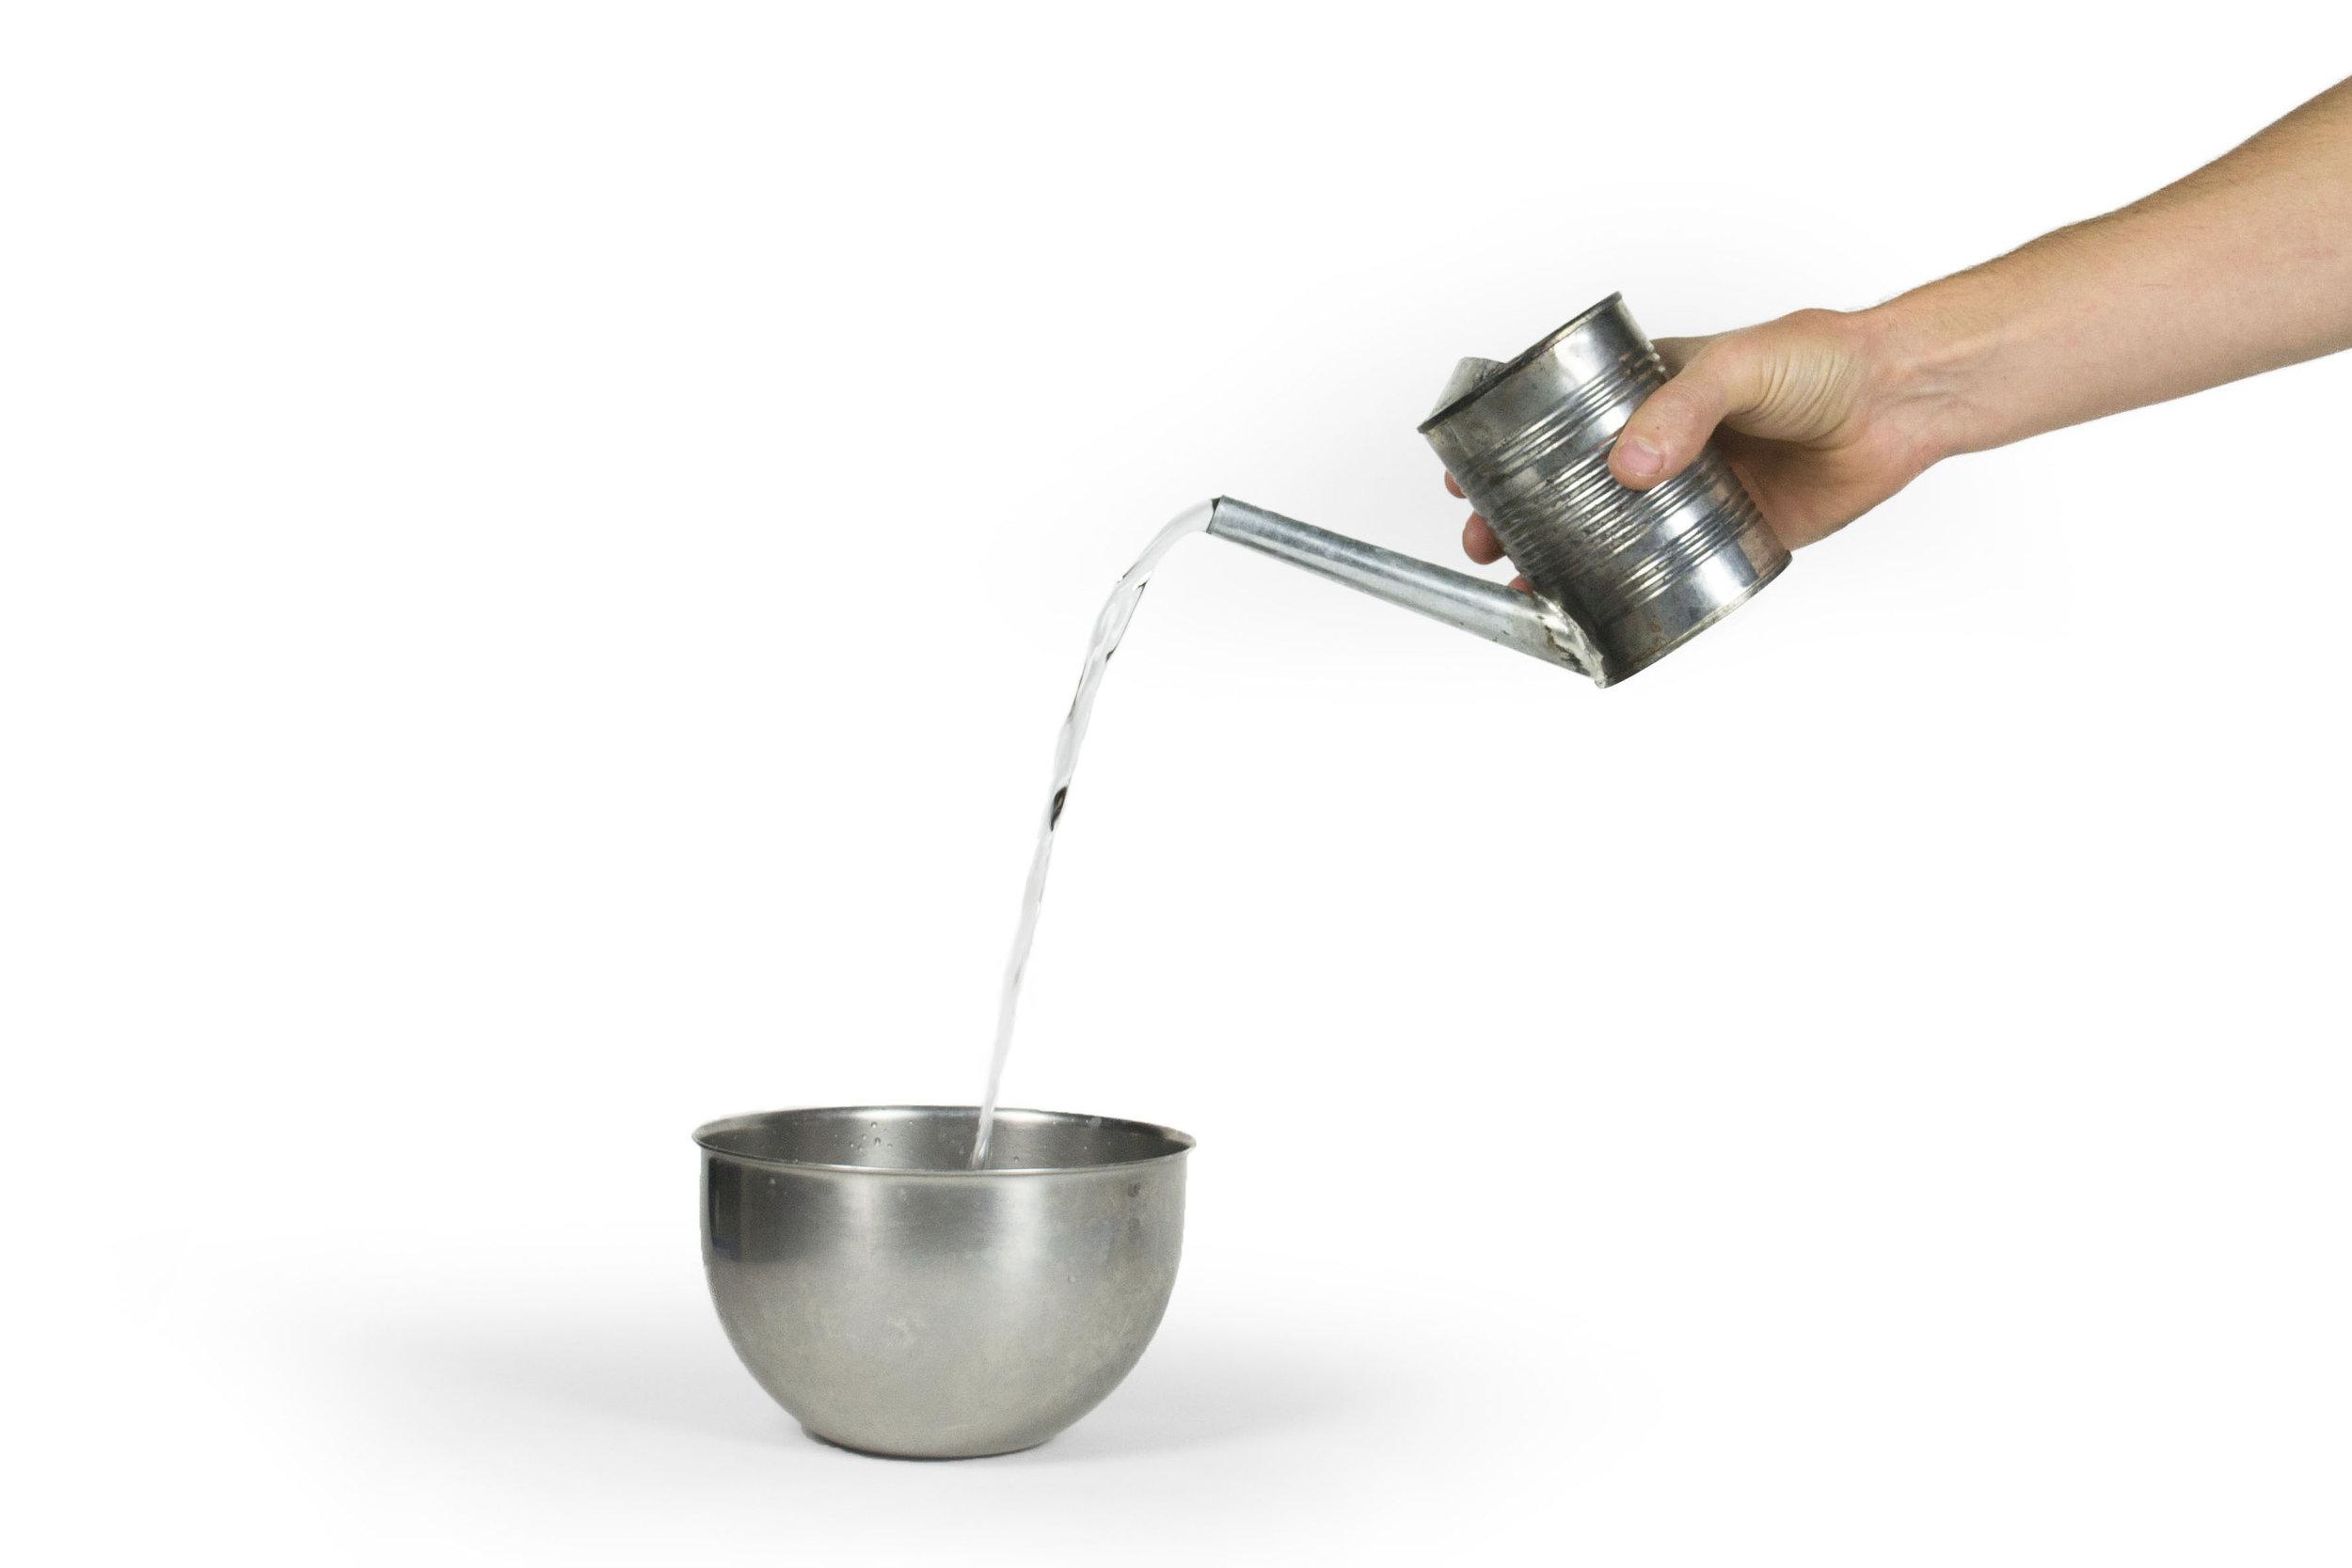 watering can poring crop 2.jpg